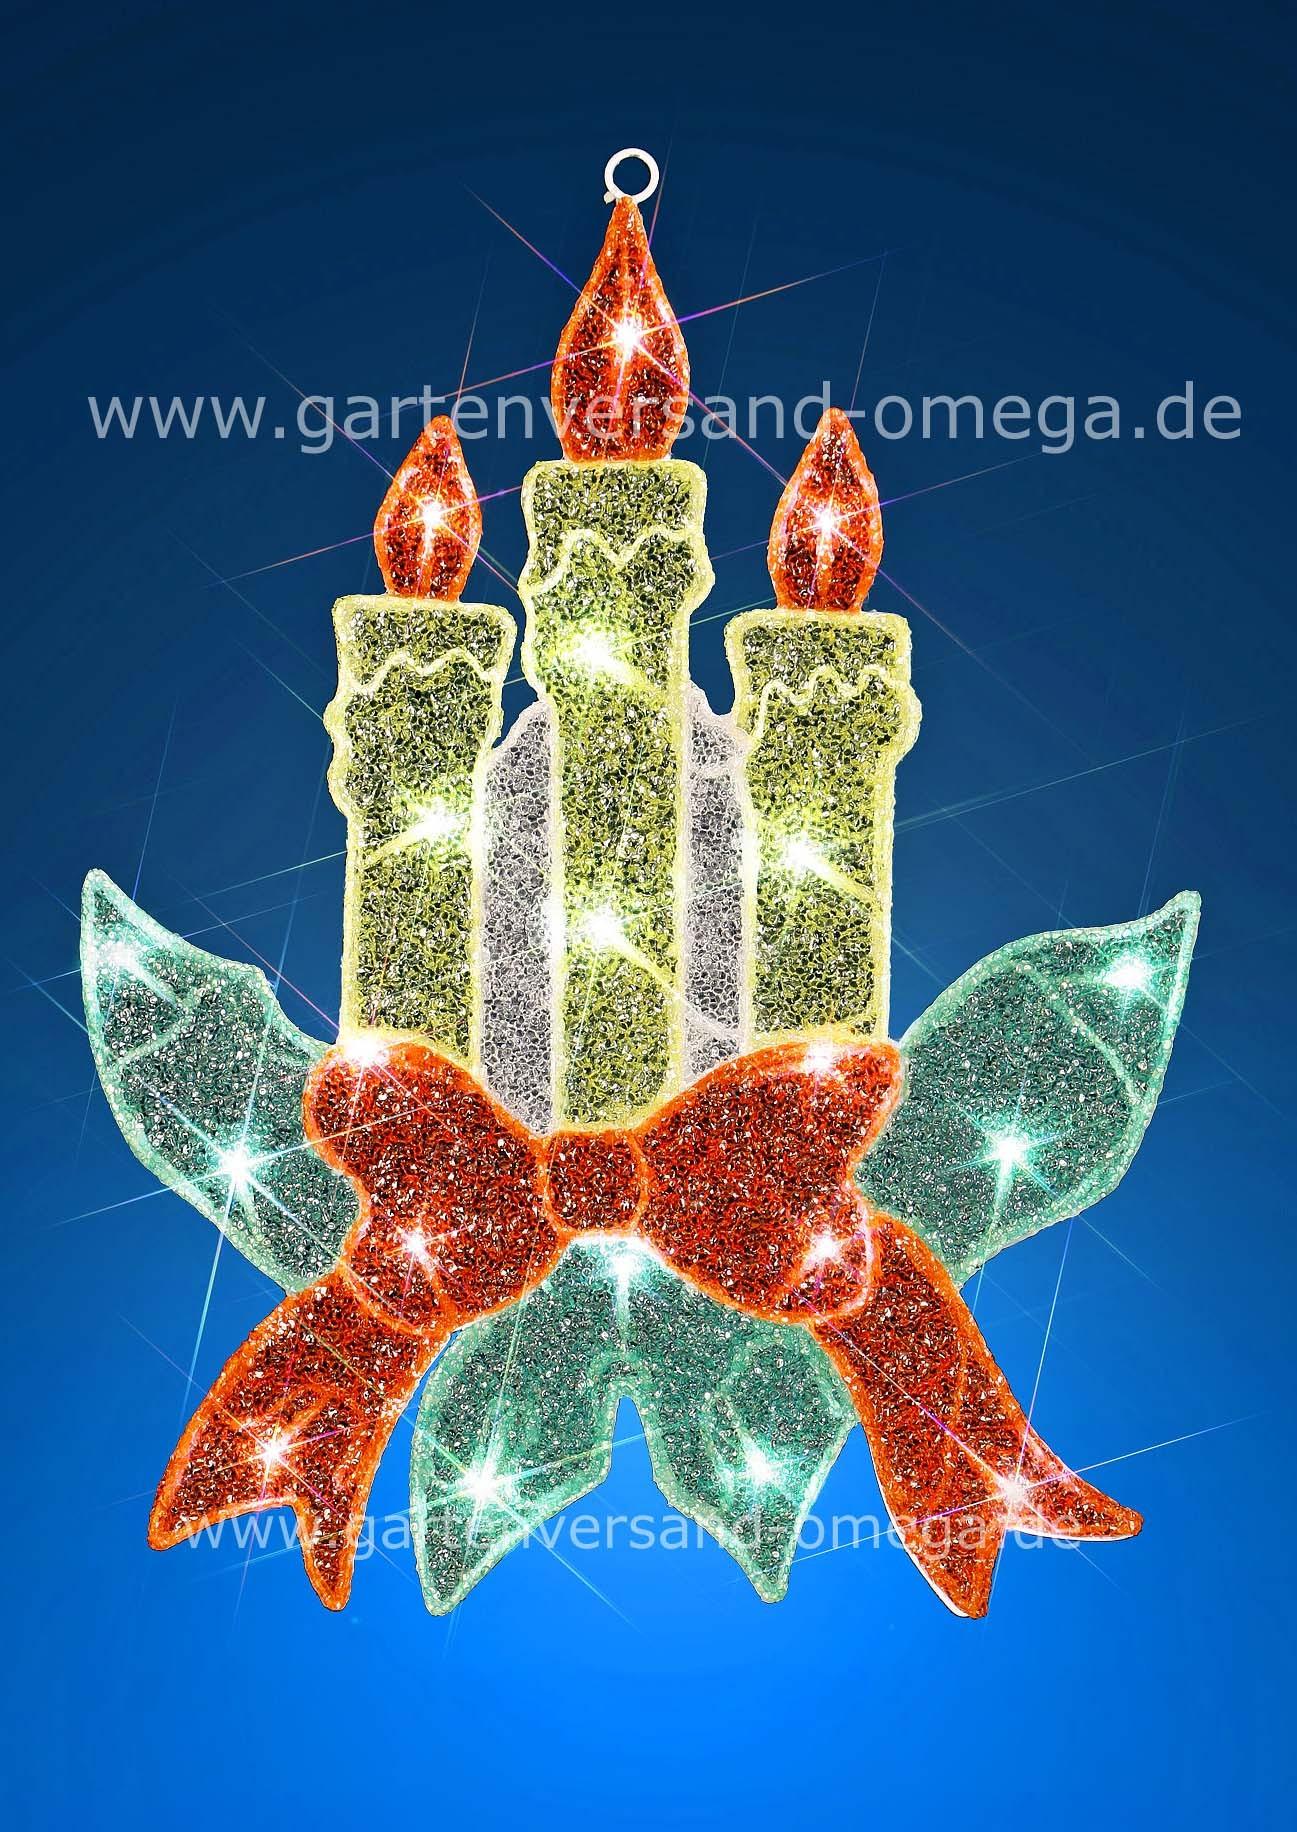 Led weihnachtsbeleuchtung kerzen moderne for Weihnachtsbeleuchtung fenster